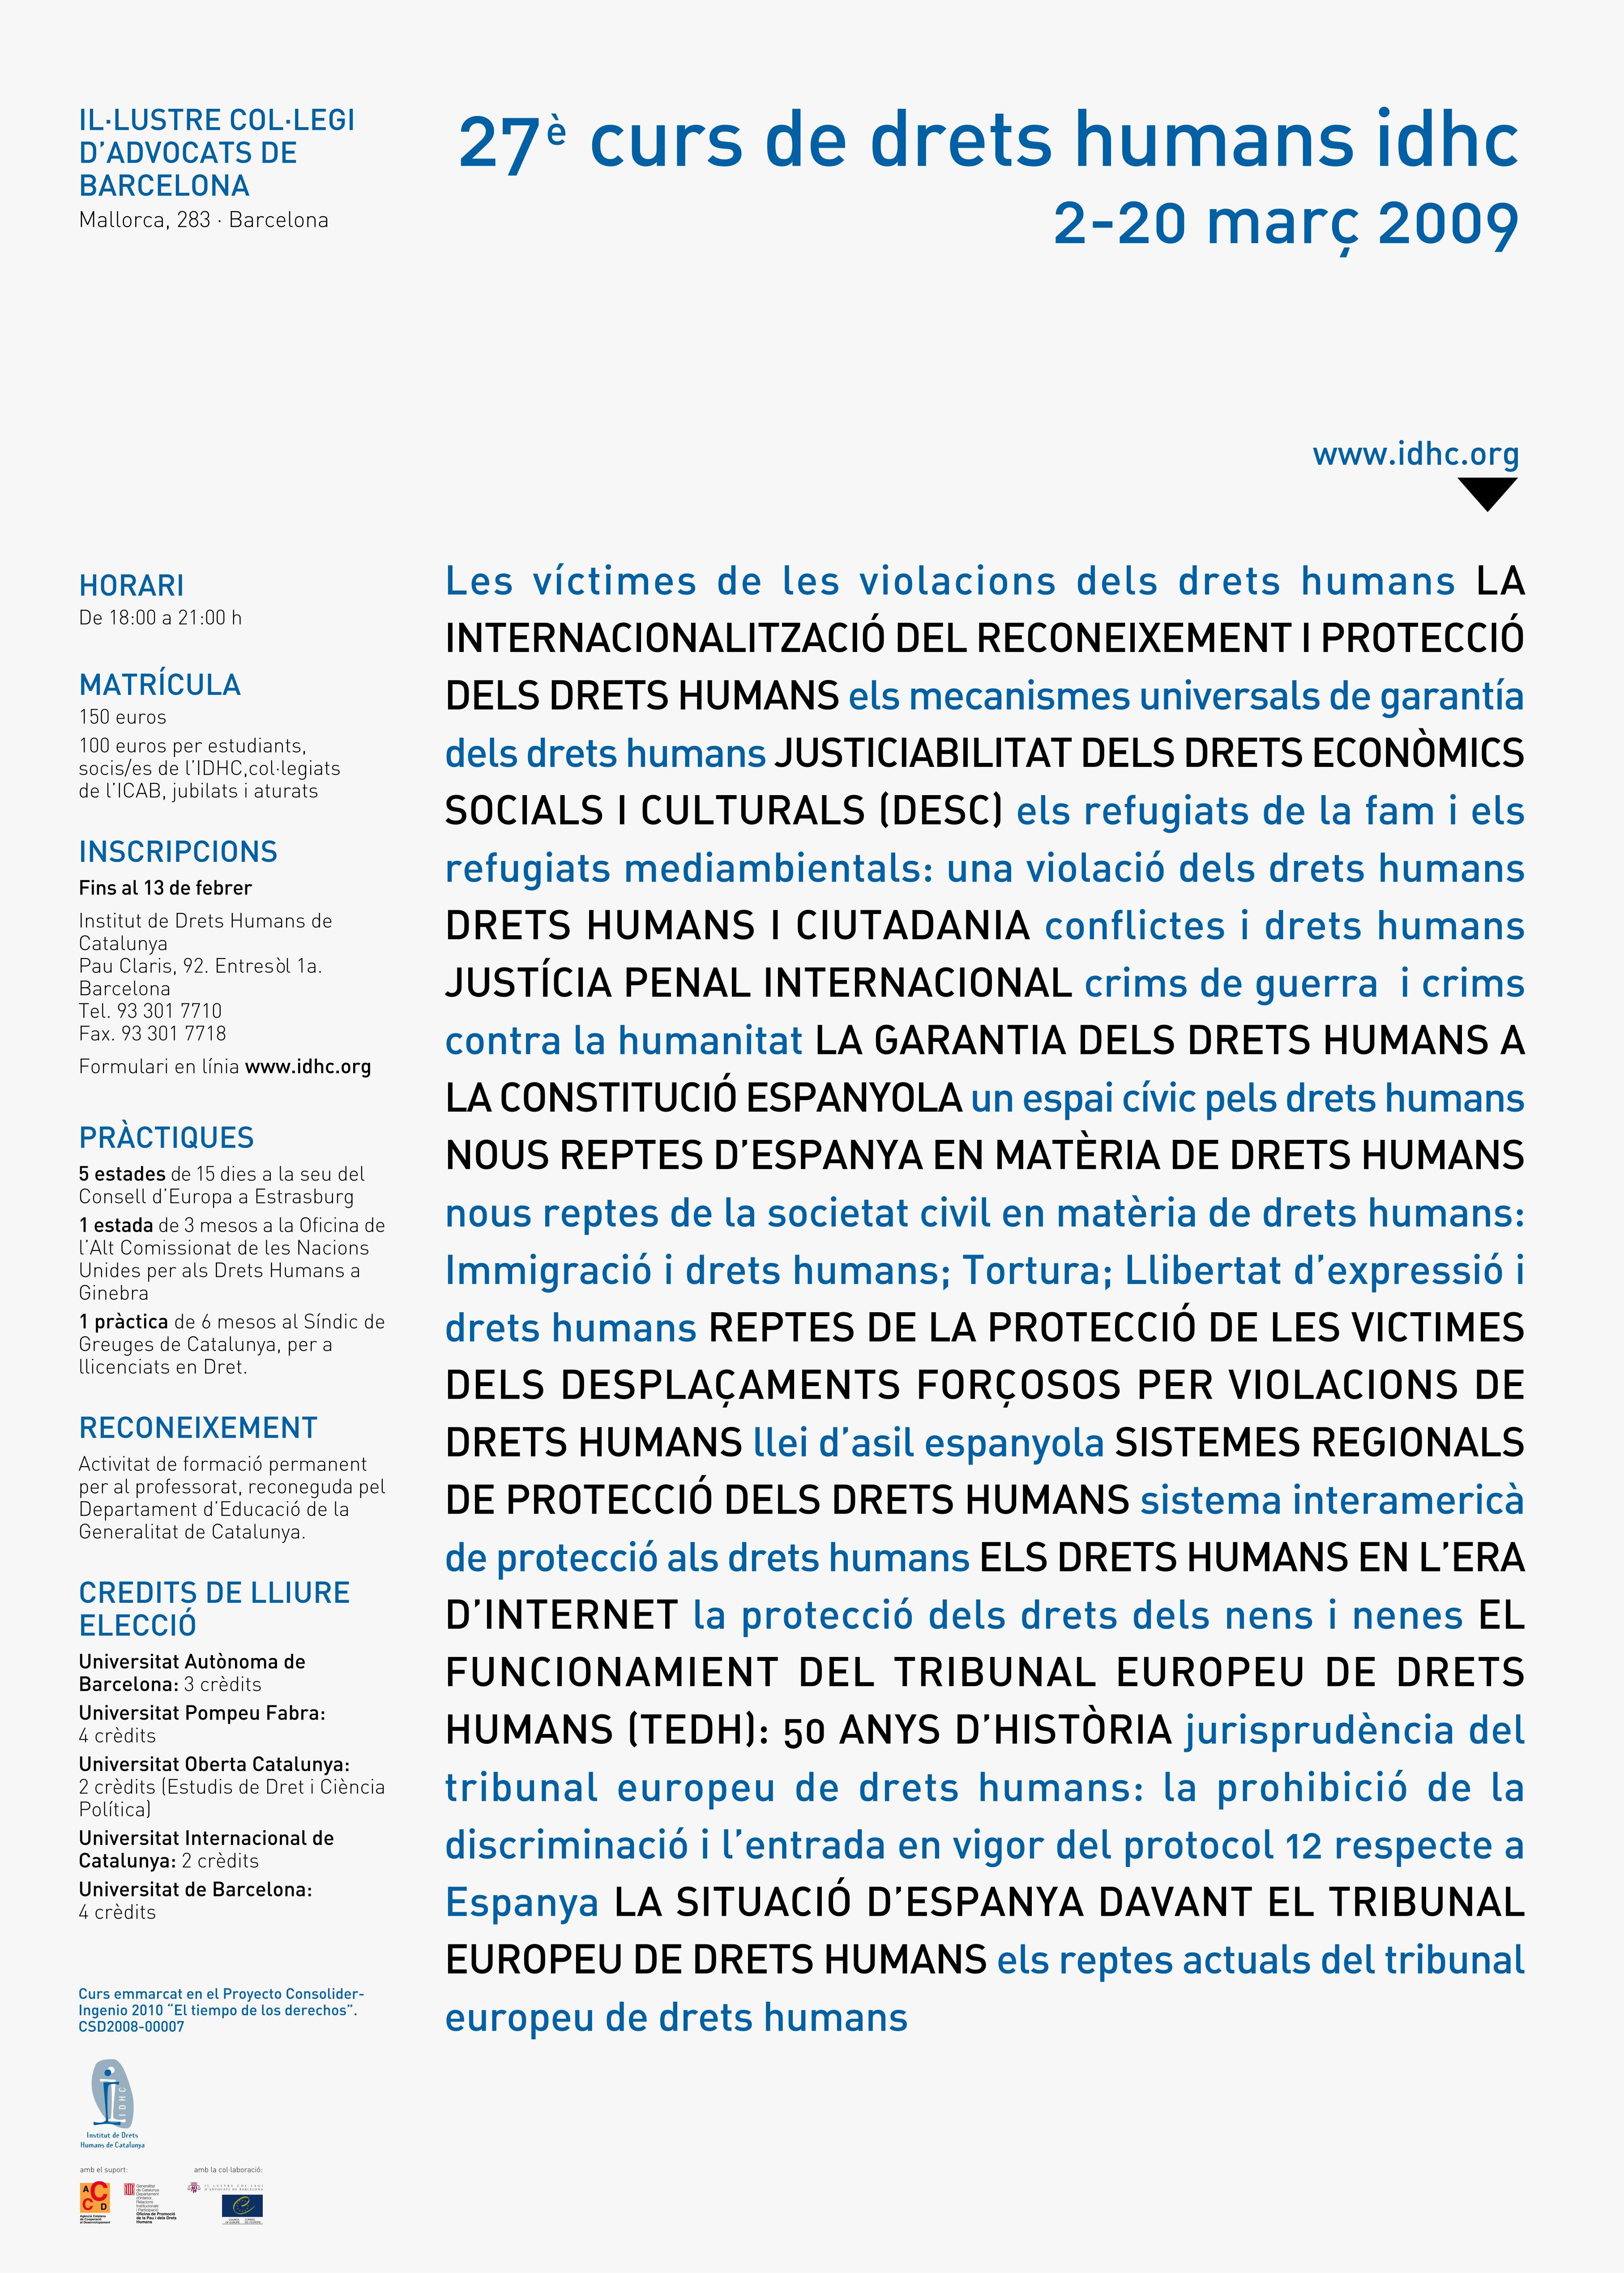 27è Curs Anual de Drets Humans